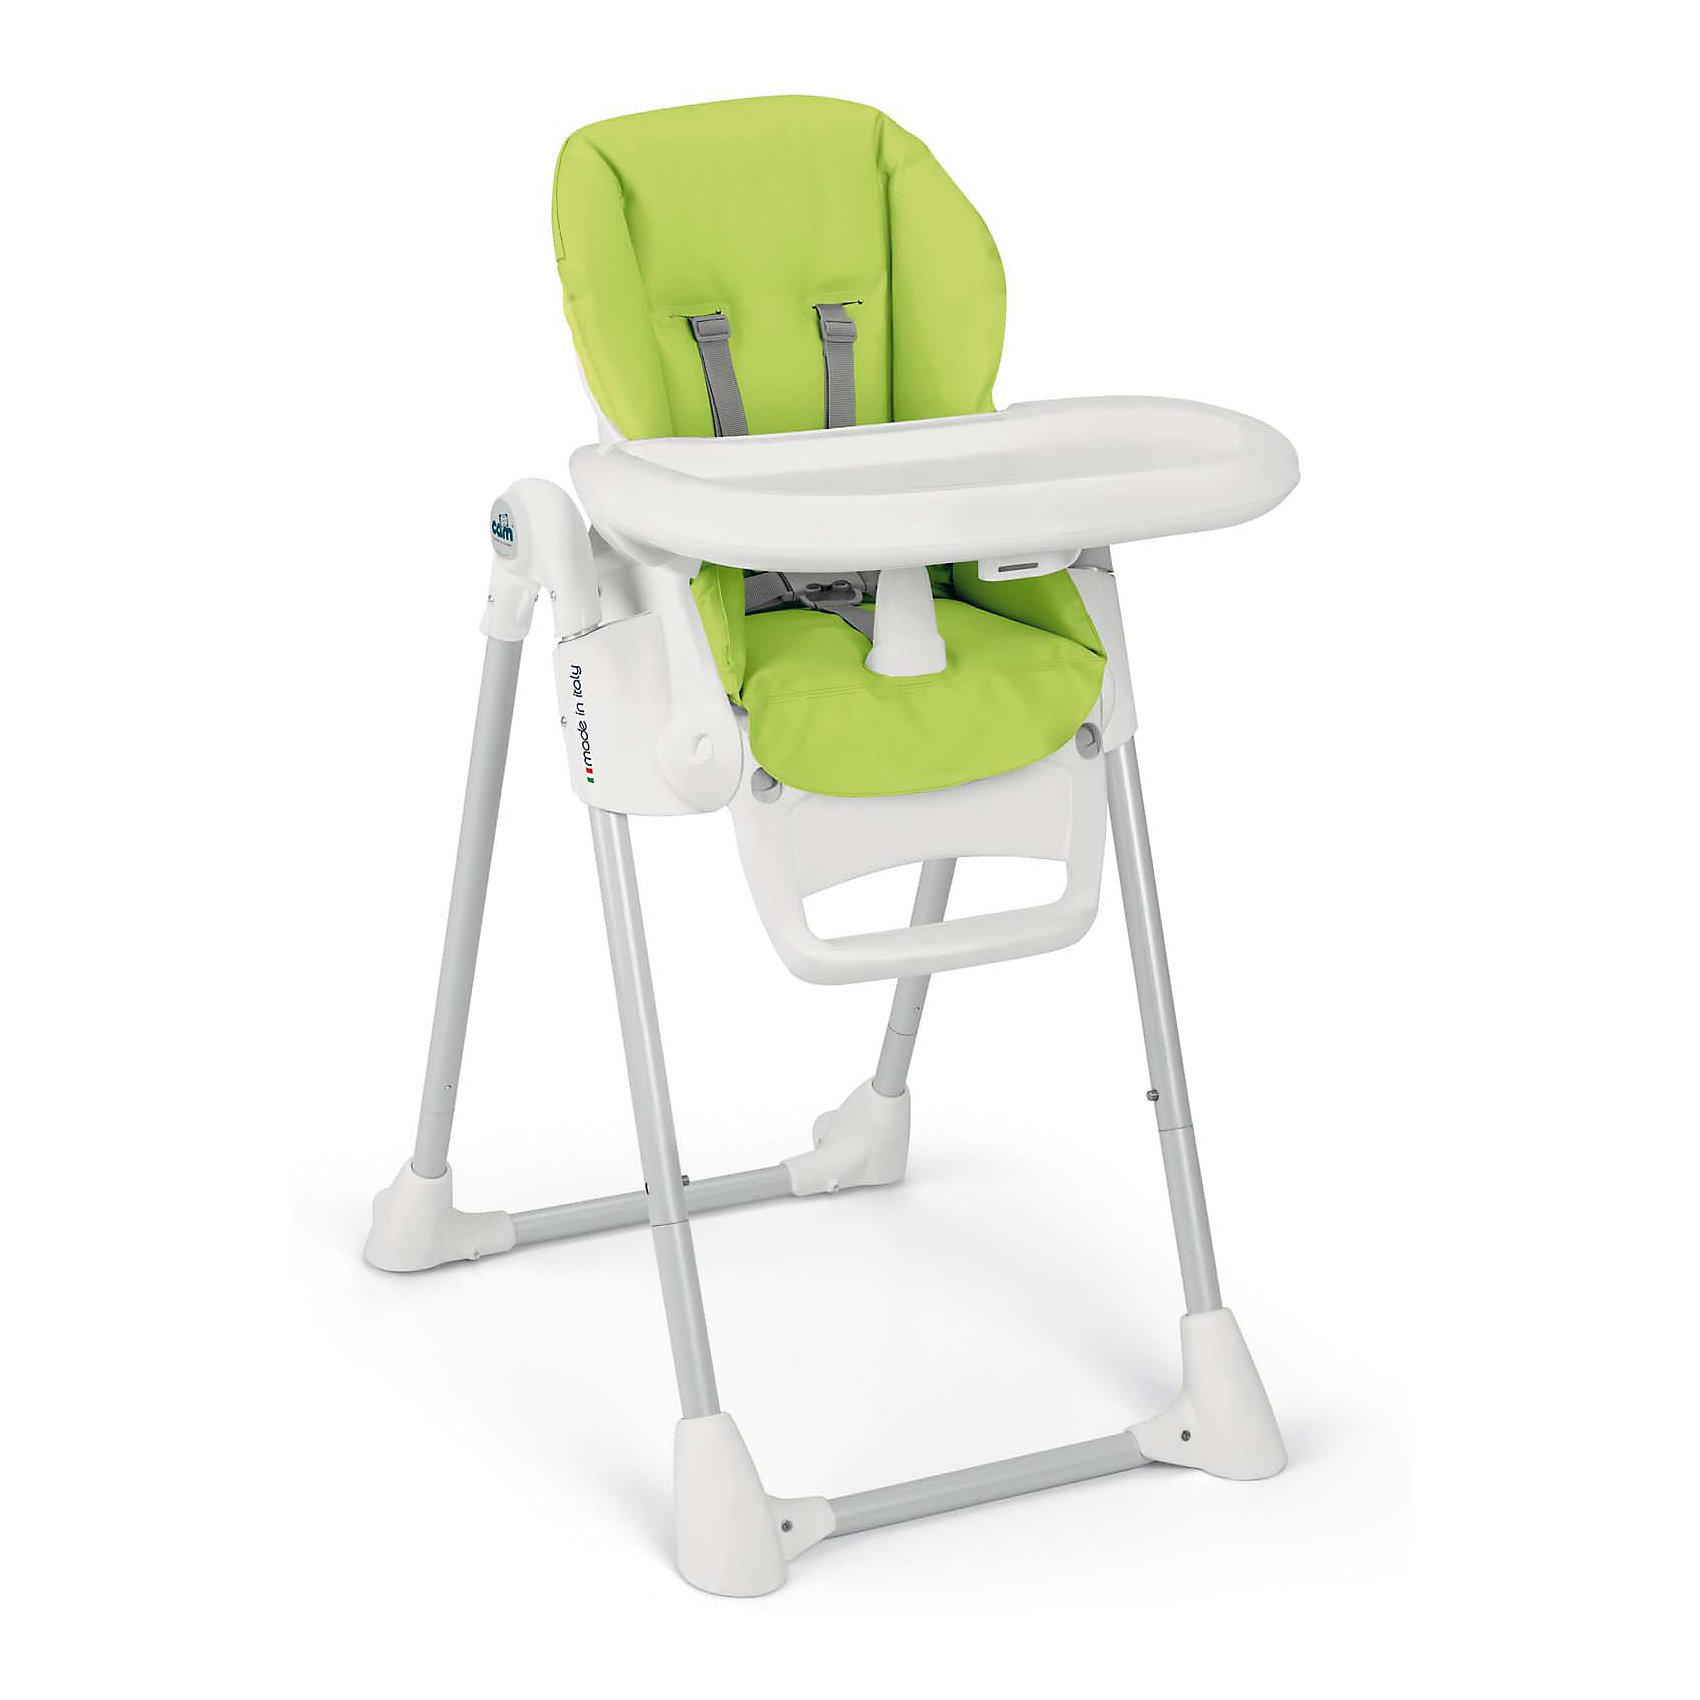 Стульчик для кормления Pappananna, CAM, зеленыйот рождения<br>Характеристики:<br><br>• изменяется высота сиденья, 8 положений;<br>• угол наклона спинки регулируется, 4 положения, включая положение «лежа»;<br>• регулируемая подножка;<br>• система 5-ти точечных ремней безопасности надежно удерживает ребенка;<br>• пластиковый ограничитель между ножек не позволяет ребенку «съехать» или соскользнуть вниз;<br>• стульчик оснащен съемным столиком для кормления;<br>• имеется также дополнительный поднос с углублениями для посуды;<br>• поднос можно снять и оставить только столик с ровной поверхностью;<br>• на нижнем основании стульчика находятся пластиковые накладки, которые обеспечивают устойчивость конструкции;<br>• задние ножки оснащены колесиками;<br>• стульчик компактно складывается, устойчиво стоит в вертикальном положении;<br>• материал: алюминий, пластик, полиэстер, эко-кожа.<br><br>Размеры:<br><br>• размер стульчика для кормления: 55х76х106 см;<br>• размер стульчика в сложенном виде: 55х31х89 см;<br>• вес стульчика: 8,9 кг;<br>• размер упаковки: 62,7х30,7х98 см;<br>• вес в упаковке: 12,2 кг.<br><br>Функциональный стульчик-трансформер Pappananna используется с первых дней жизни малыша благодаря раскладывающейся почти до горизонтального положения спинке. В таком положении ребенок может находиться рядом с взрослыми в часы приема ими пищи. Стульчик регулируется по высоте, которая может быть изменена в зависимости от роста ребенка. Стульчик без столика удобно приставить к общему столу, когда ребенок подрастет. <br><br>Стульчик для кормления Pappananna, CAM, зеленый можно купить в нашем интернет-магазине.<br><br>Ширина мм: 627<br>Глубина мм: 307<br>Высота мм: 980<br>Вес г: 12200<br>Возраст от месяцев: 0<br>Возраст до месяцев: 36<br>Пол: Унисекс<br>Возраст: Детский<br>SKU: 5504507